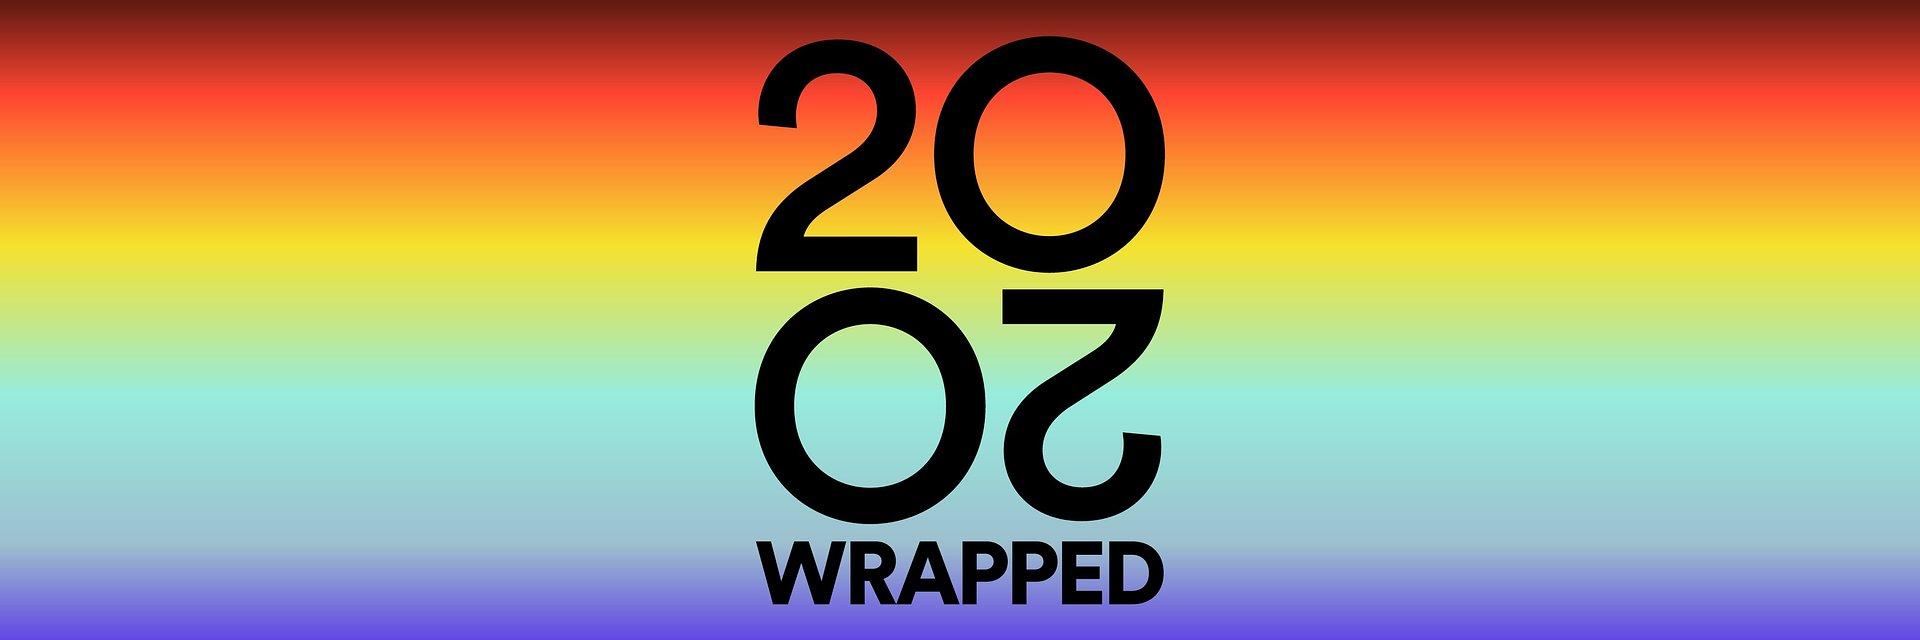 Spotify Wrapped 2020 już jest! Sprawdź czego słuchałeś w mijającym roku